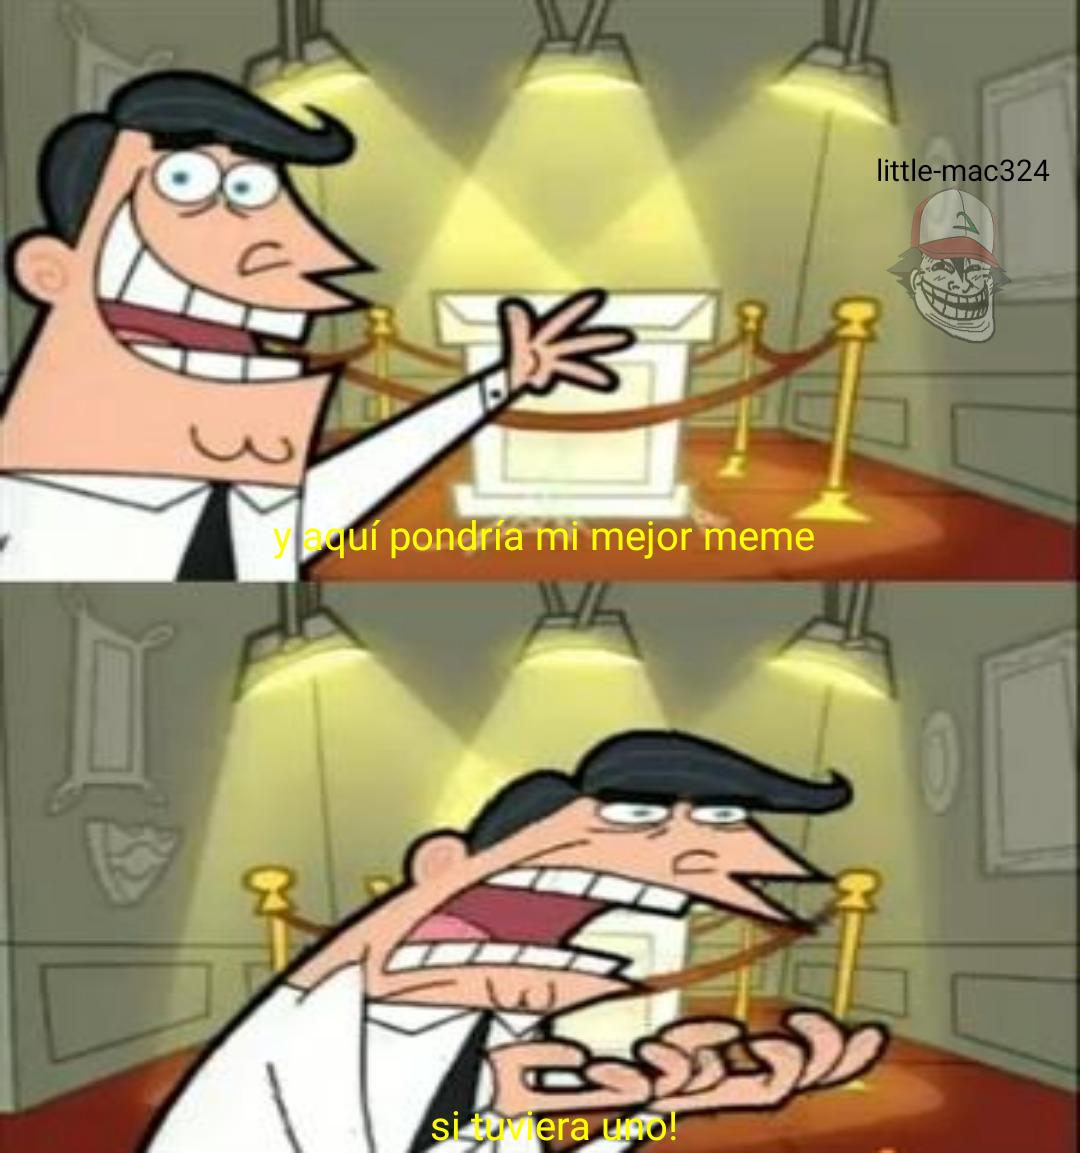 me refiero a que mis memes son malardos